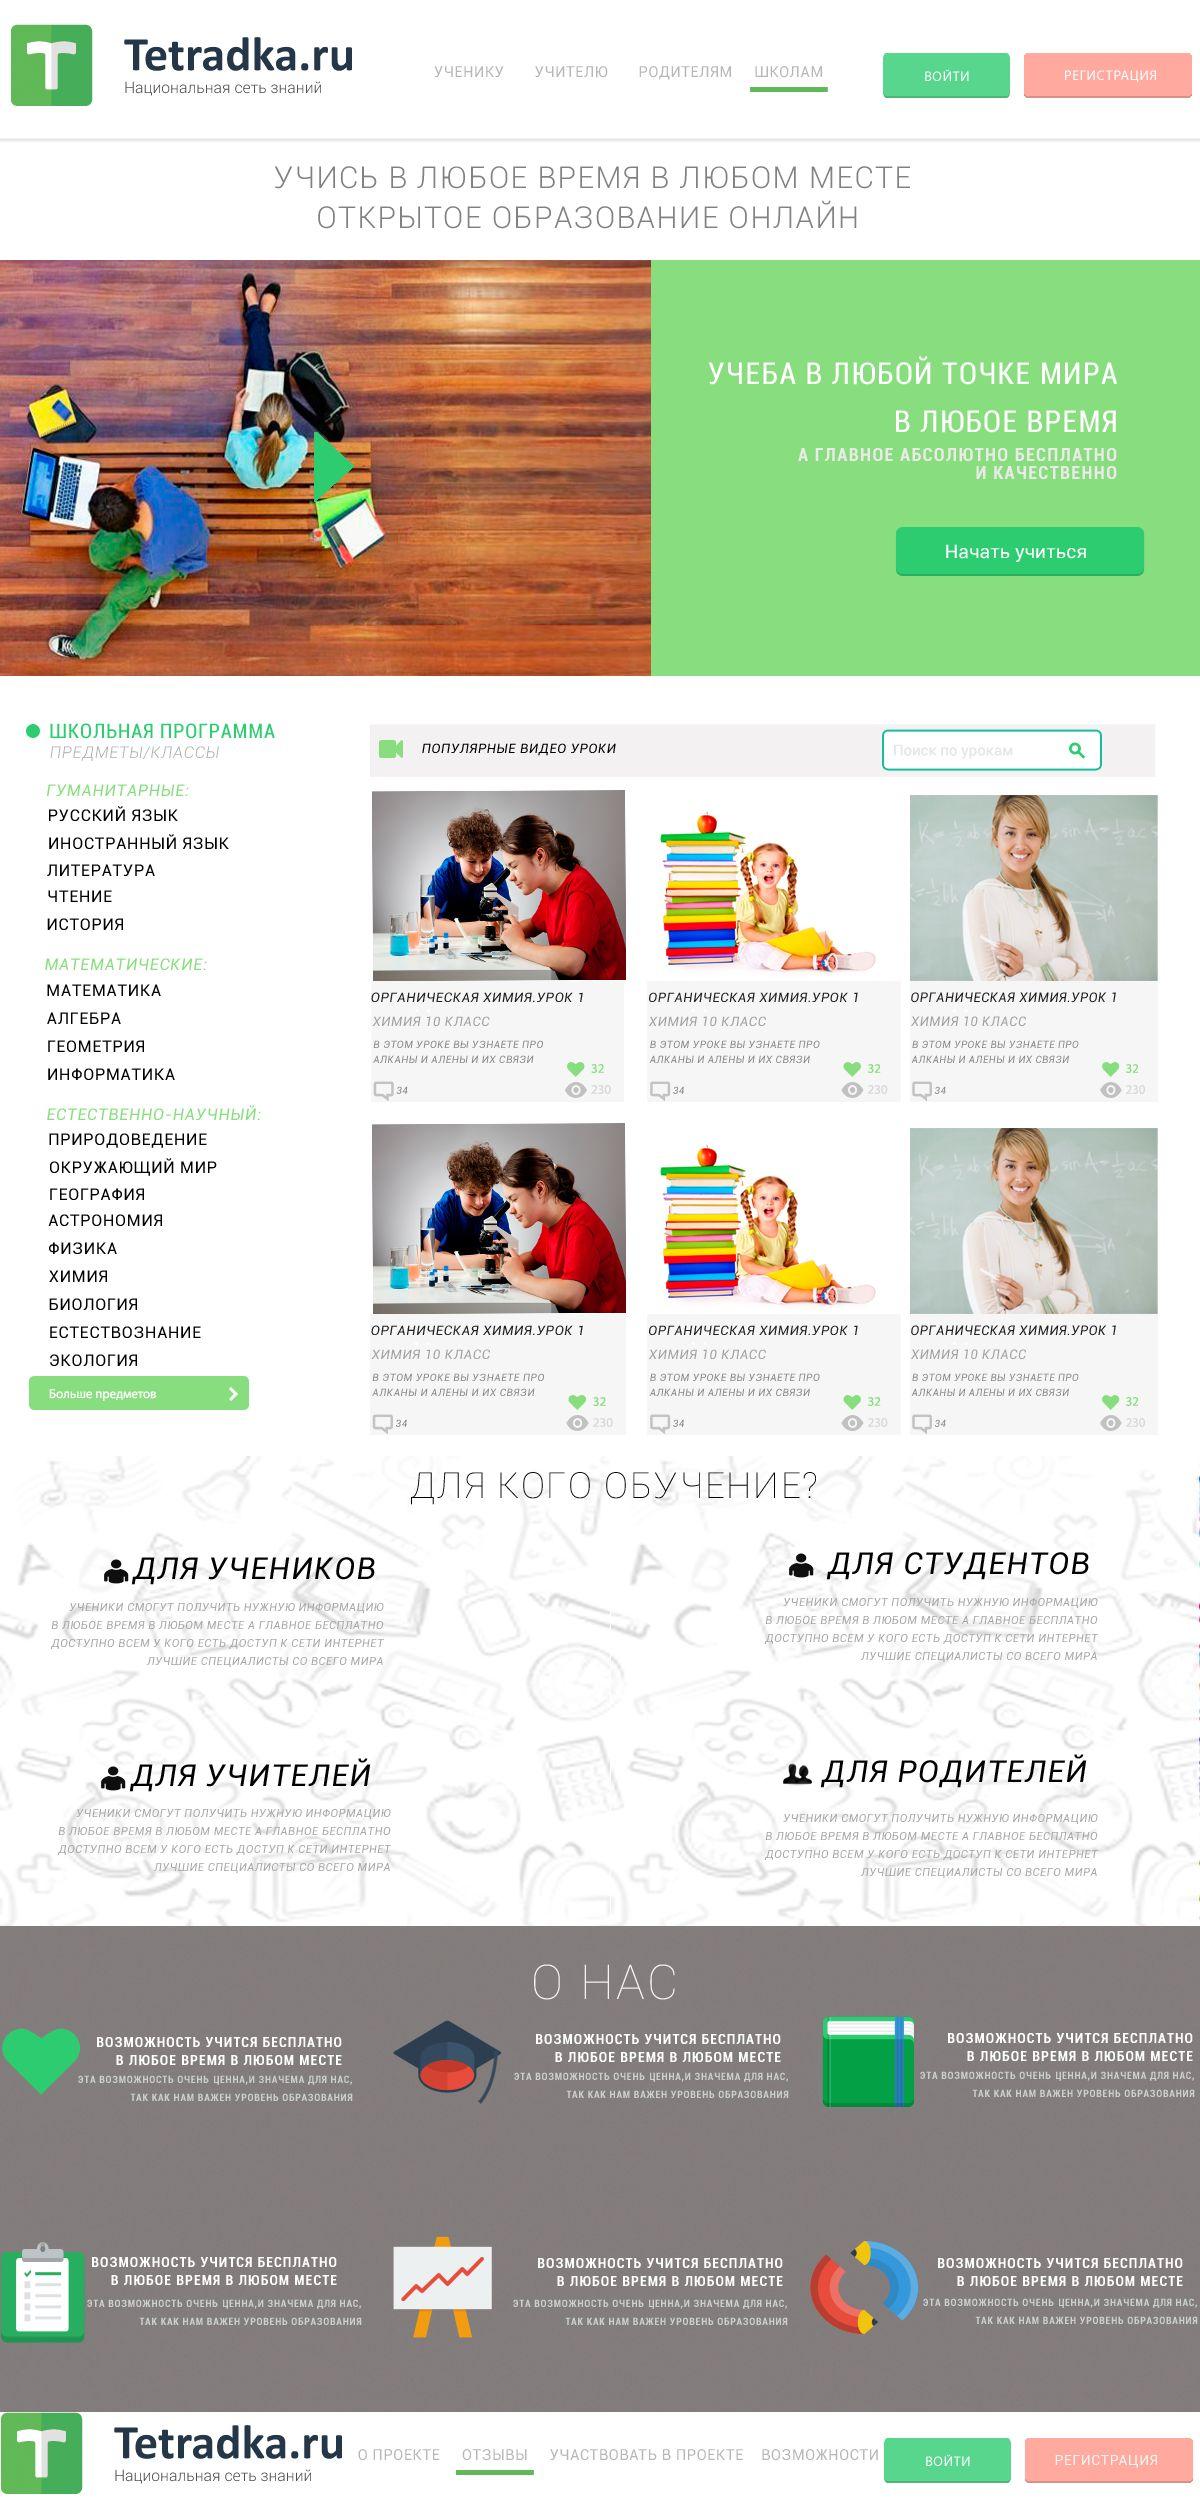 Главная страница образовательной сети tetradka.ru - дизайнер supreme